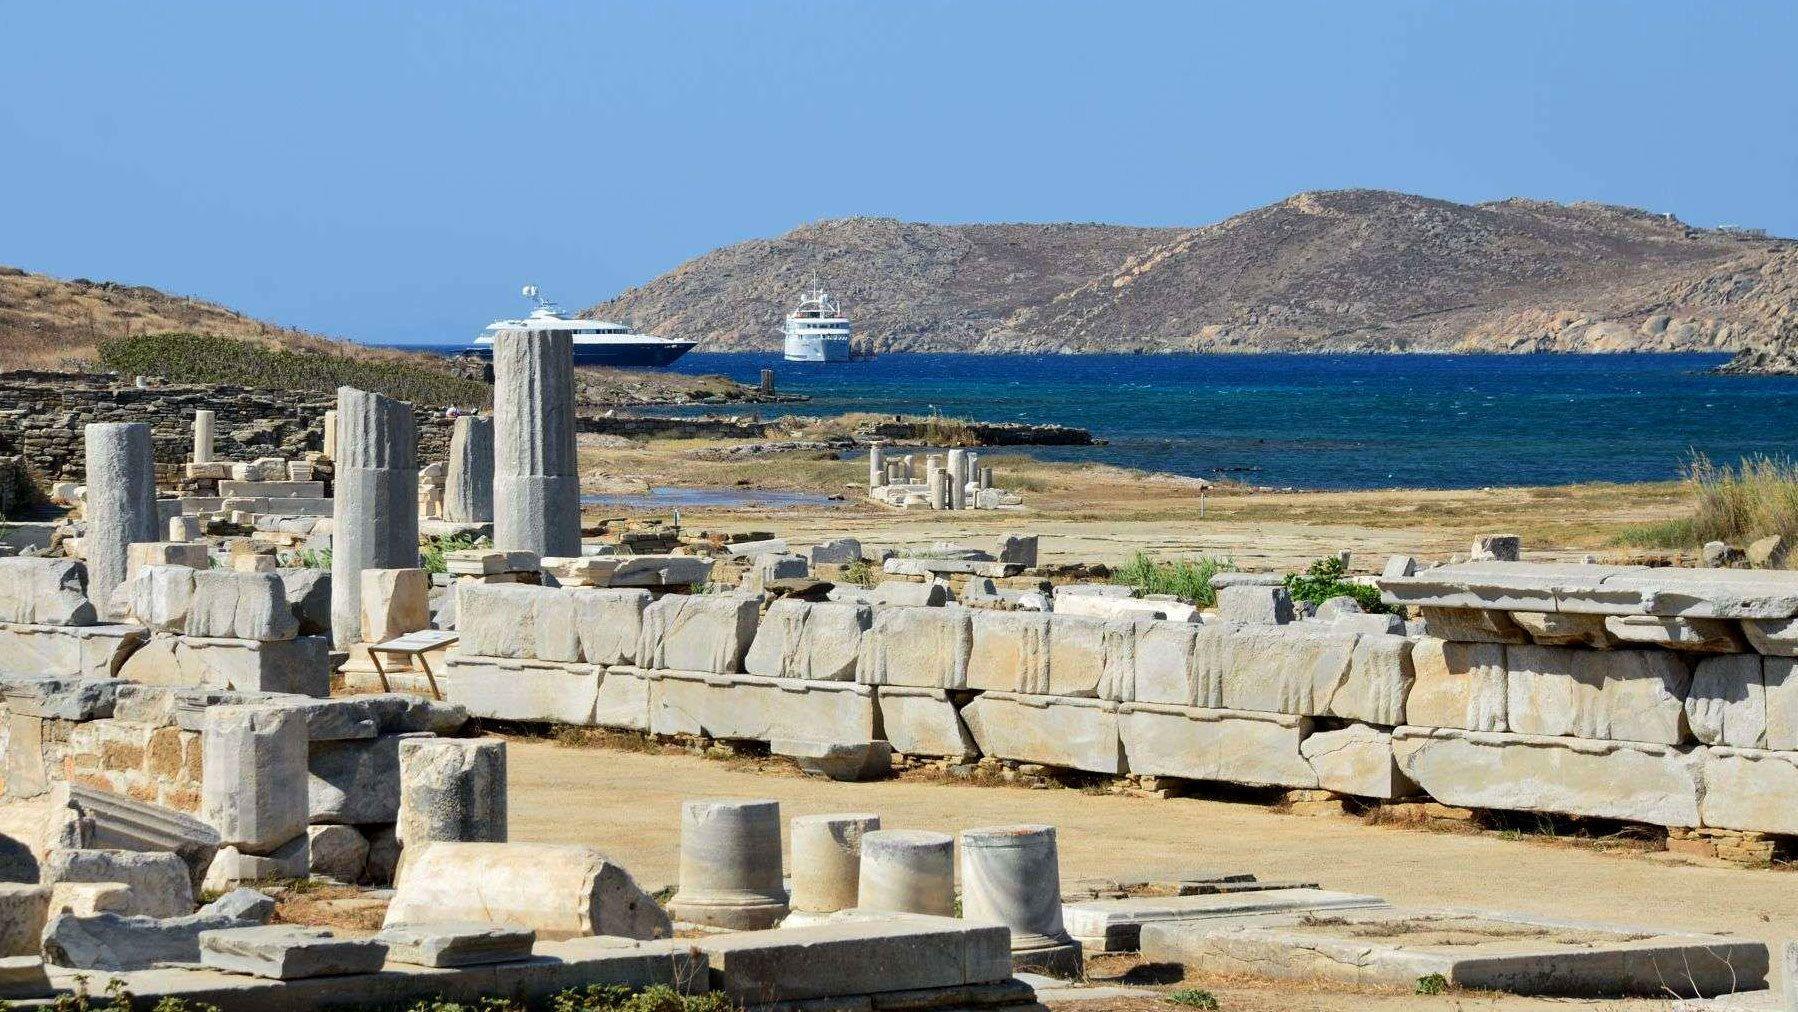 Temple ruins in Mykonos overlooking the water